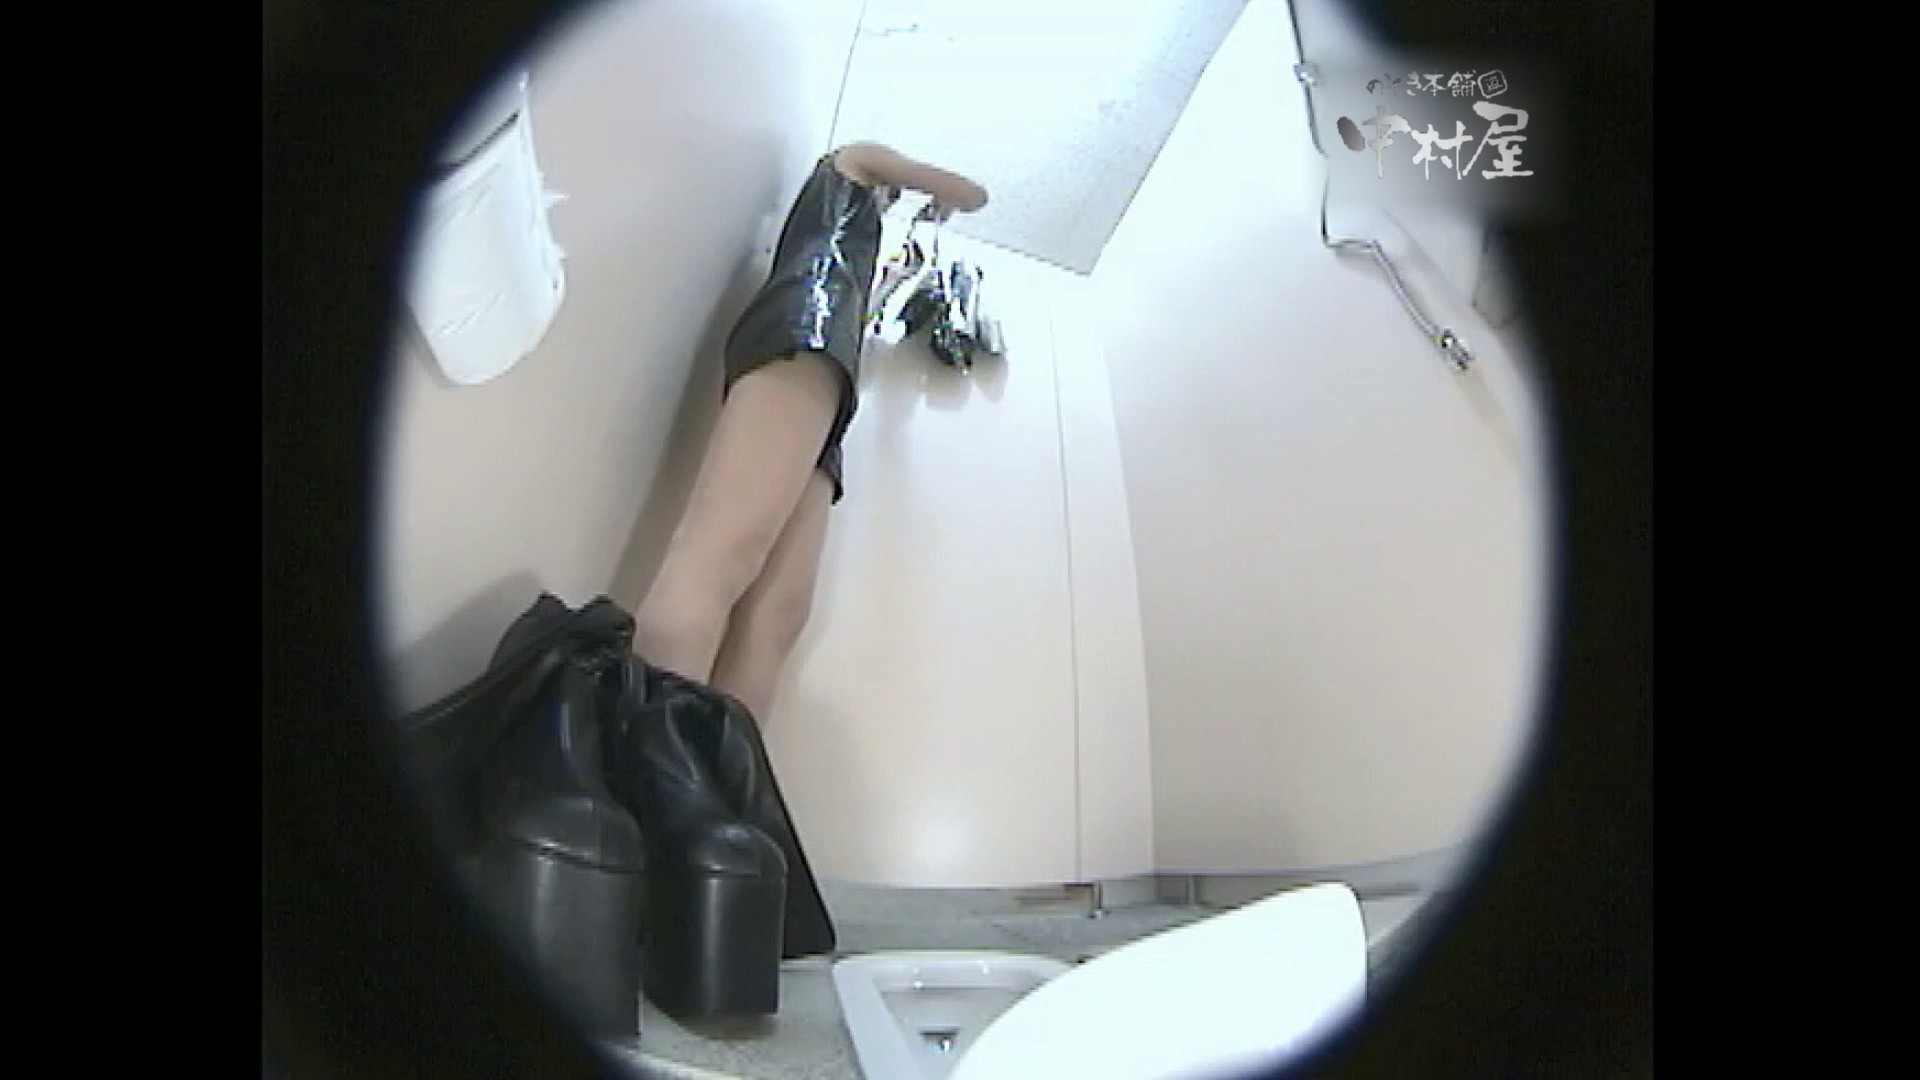 レースクィーントイレ盗撮!Vol.19 肛門 スケベ動画紹介 57枚 30